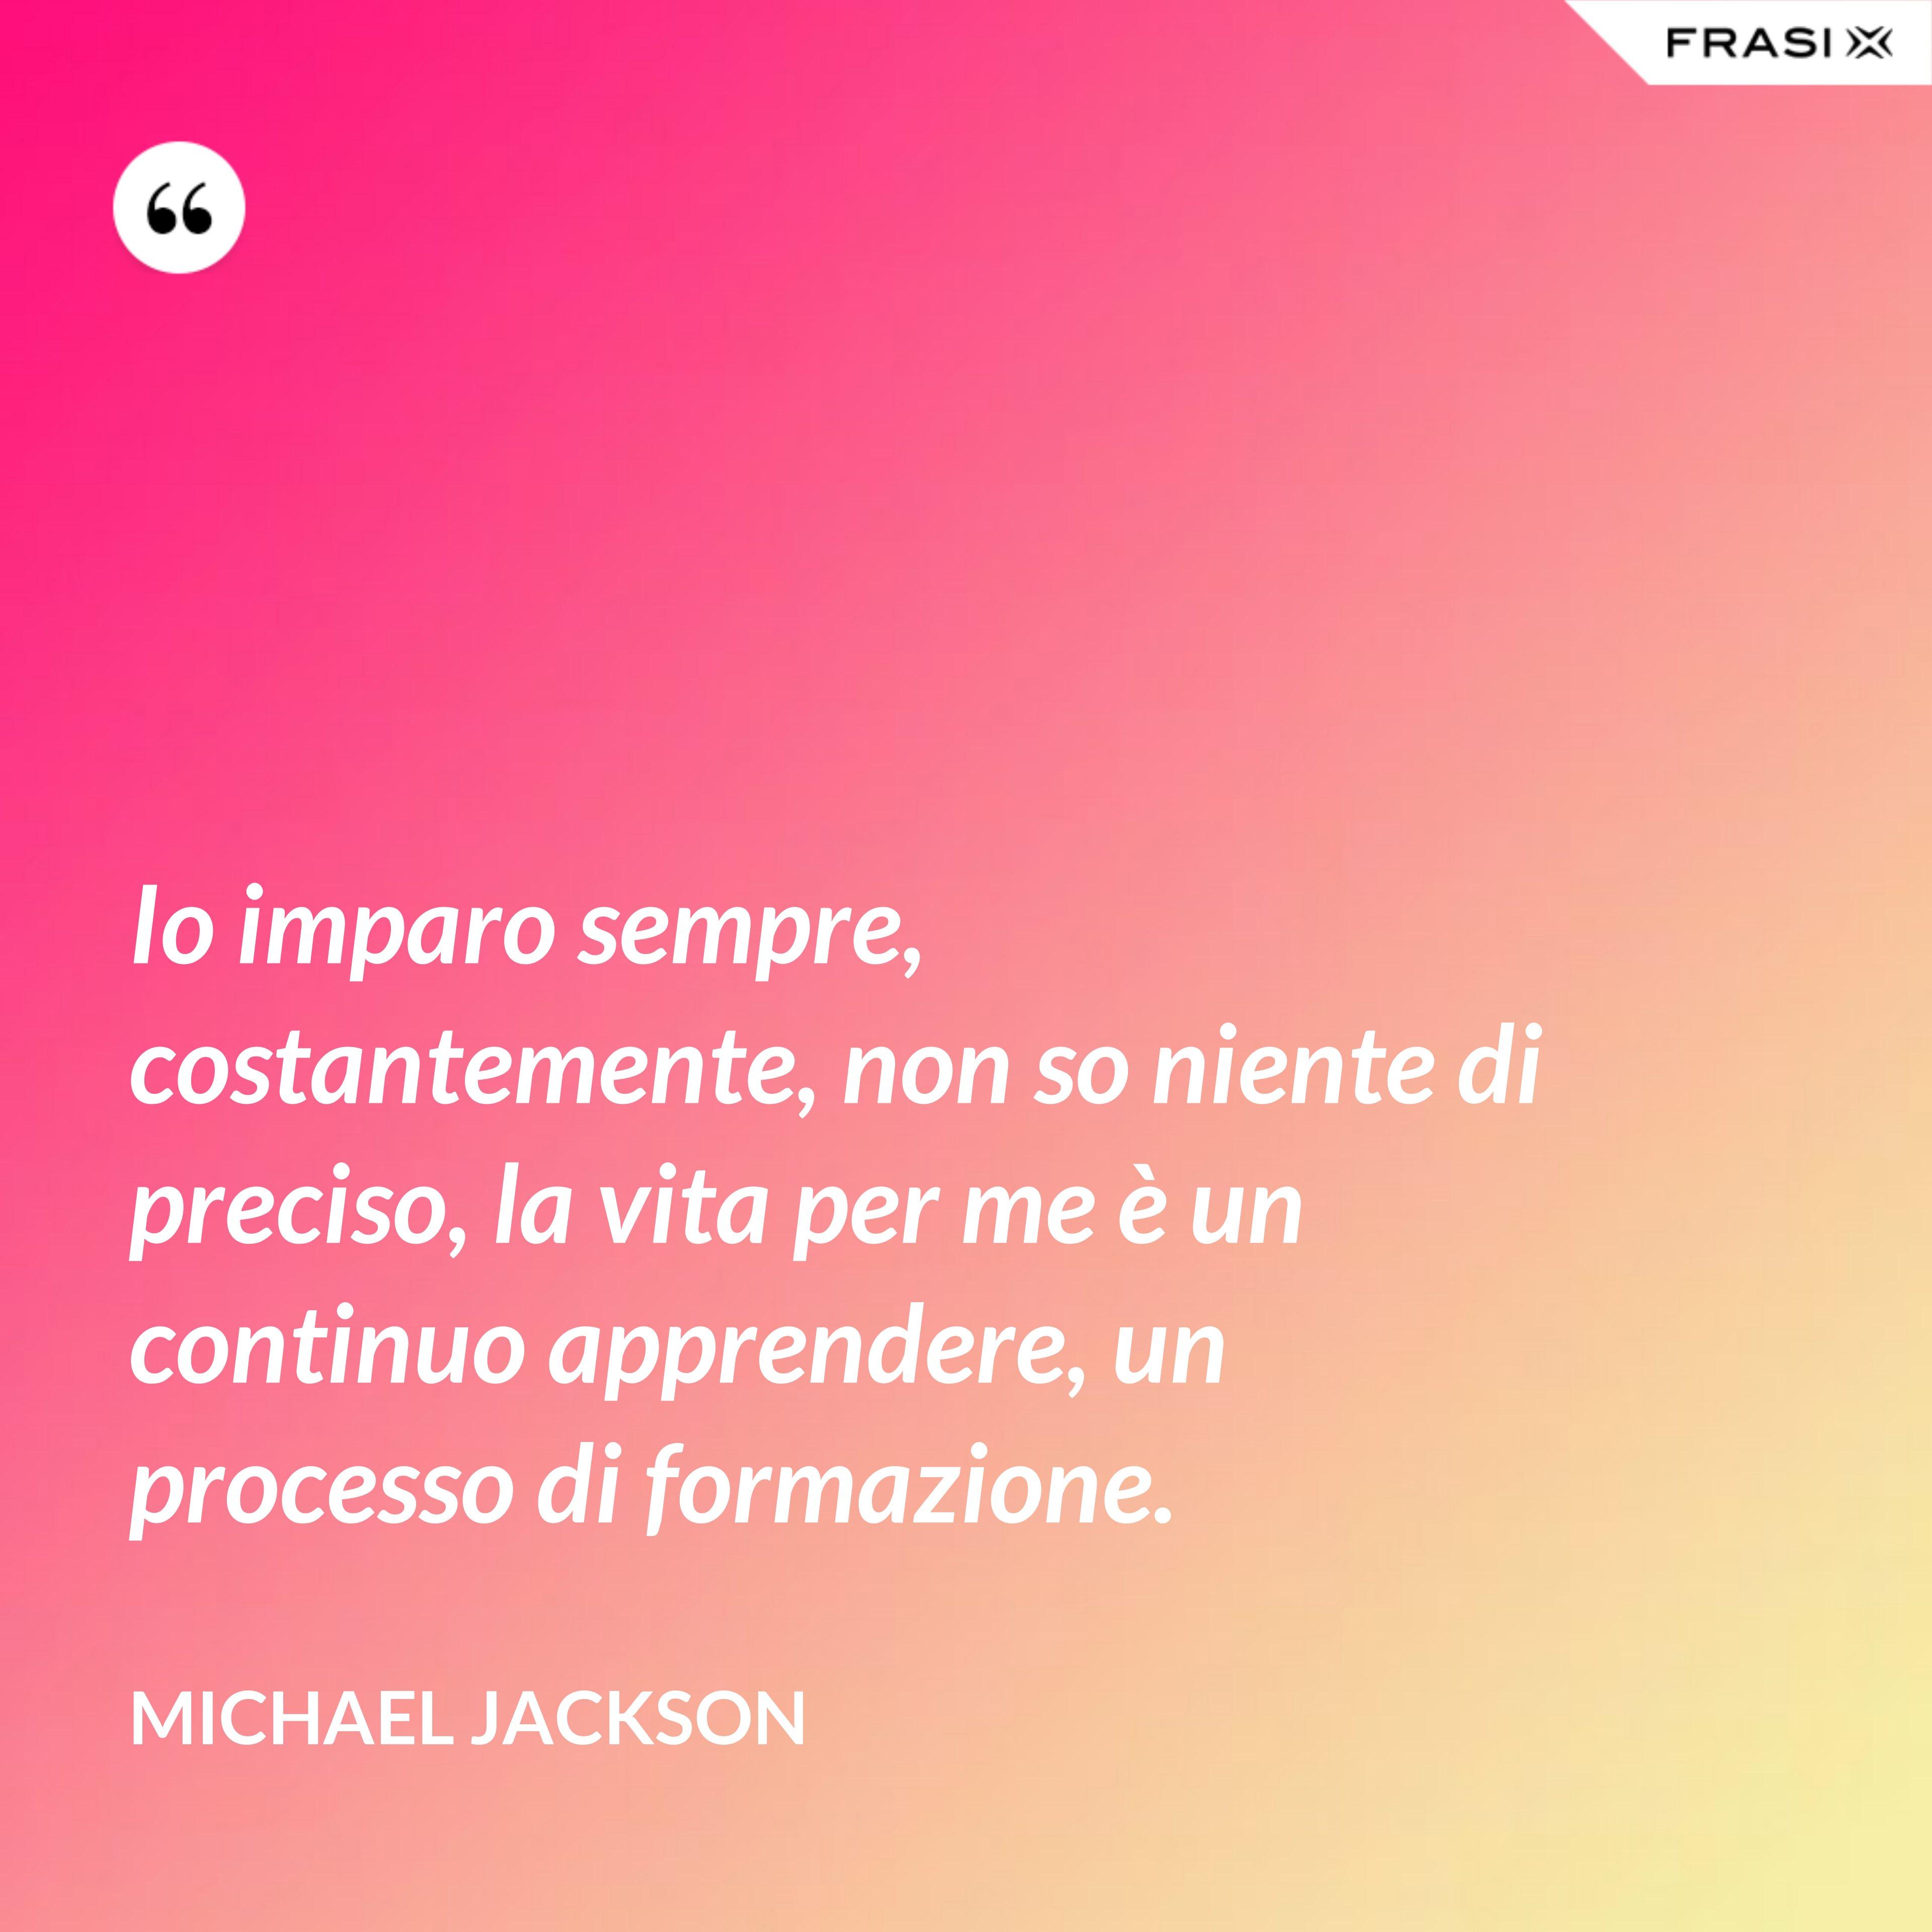 Io imparo sempre, costantemente, non so niente di preciso, la vita per me è un continuo apprendere, un processo di formazione. - Michael Jackson